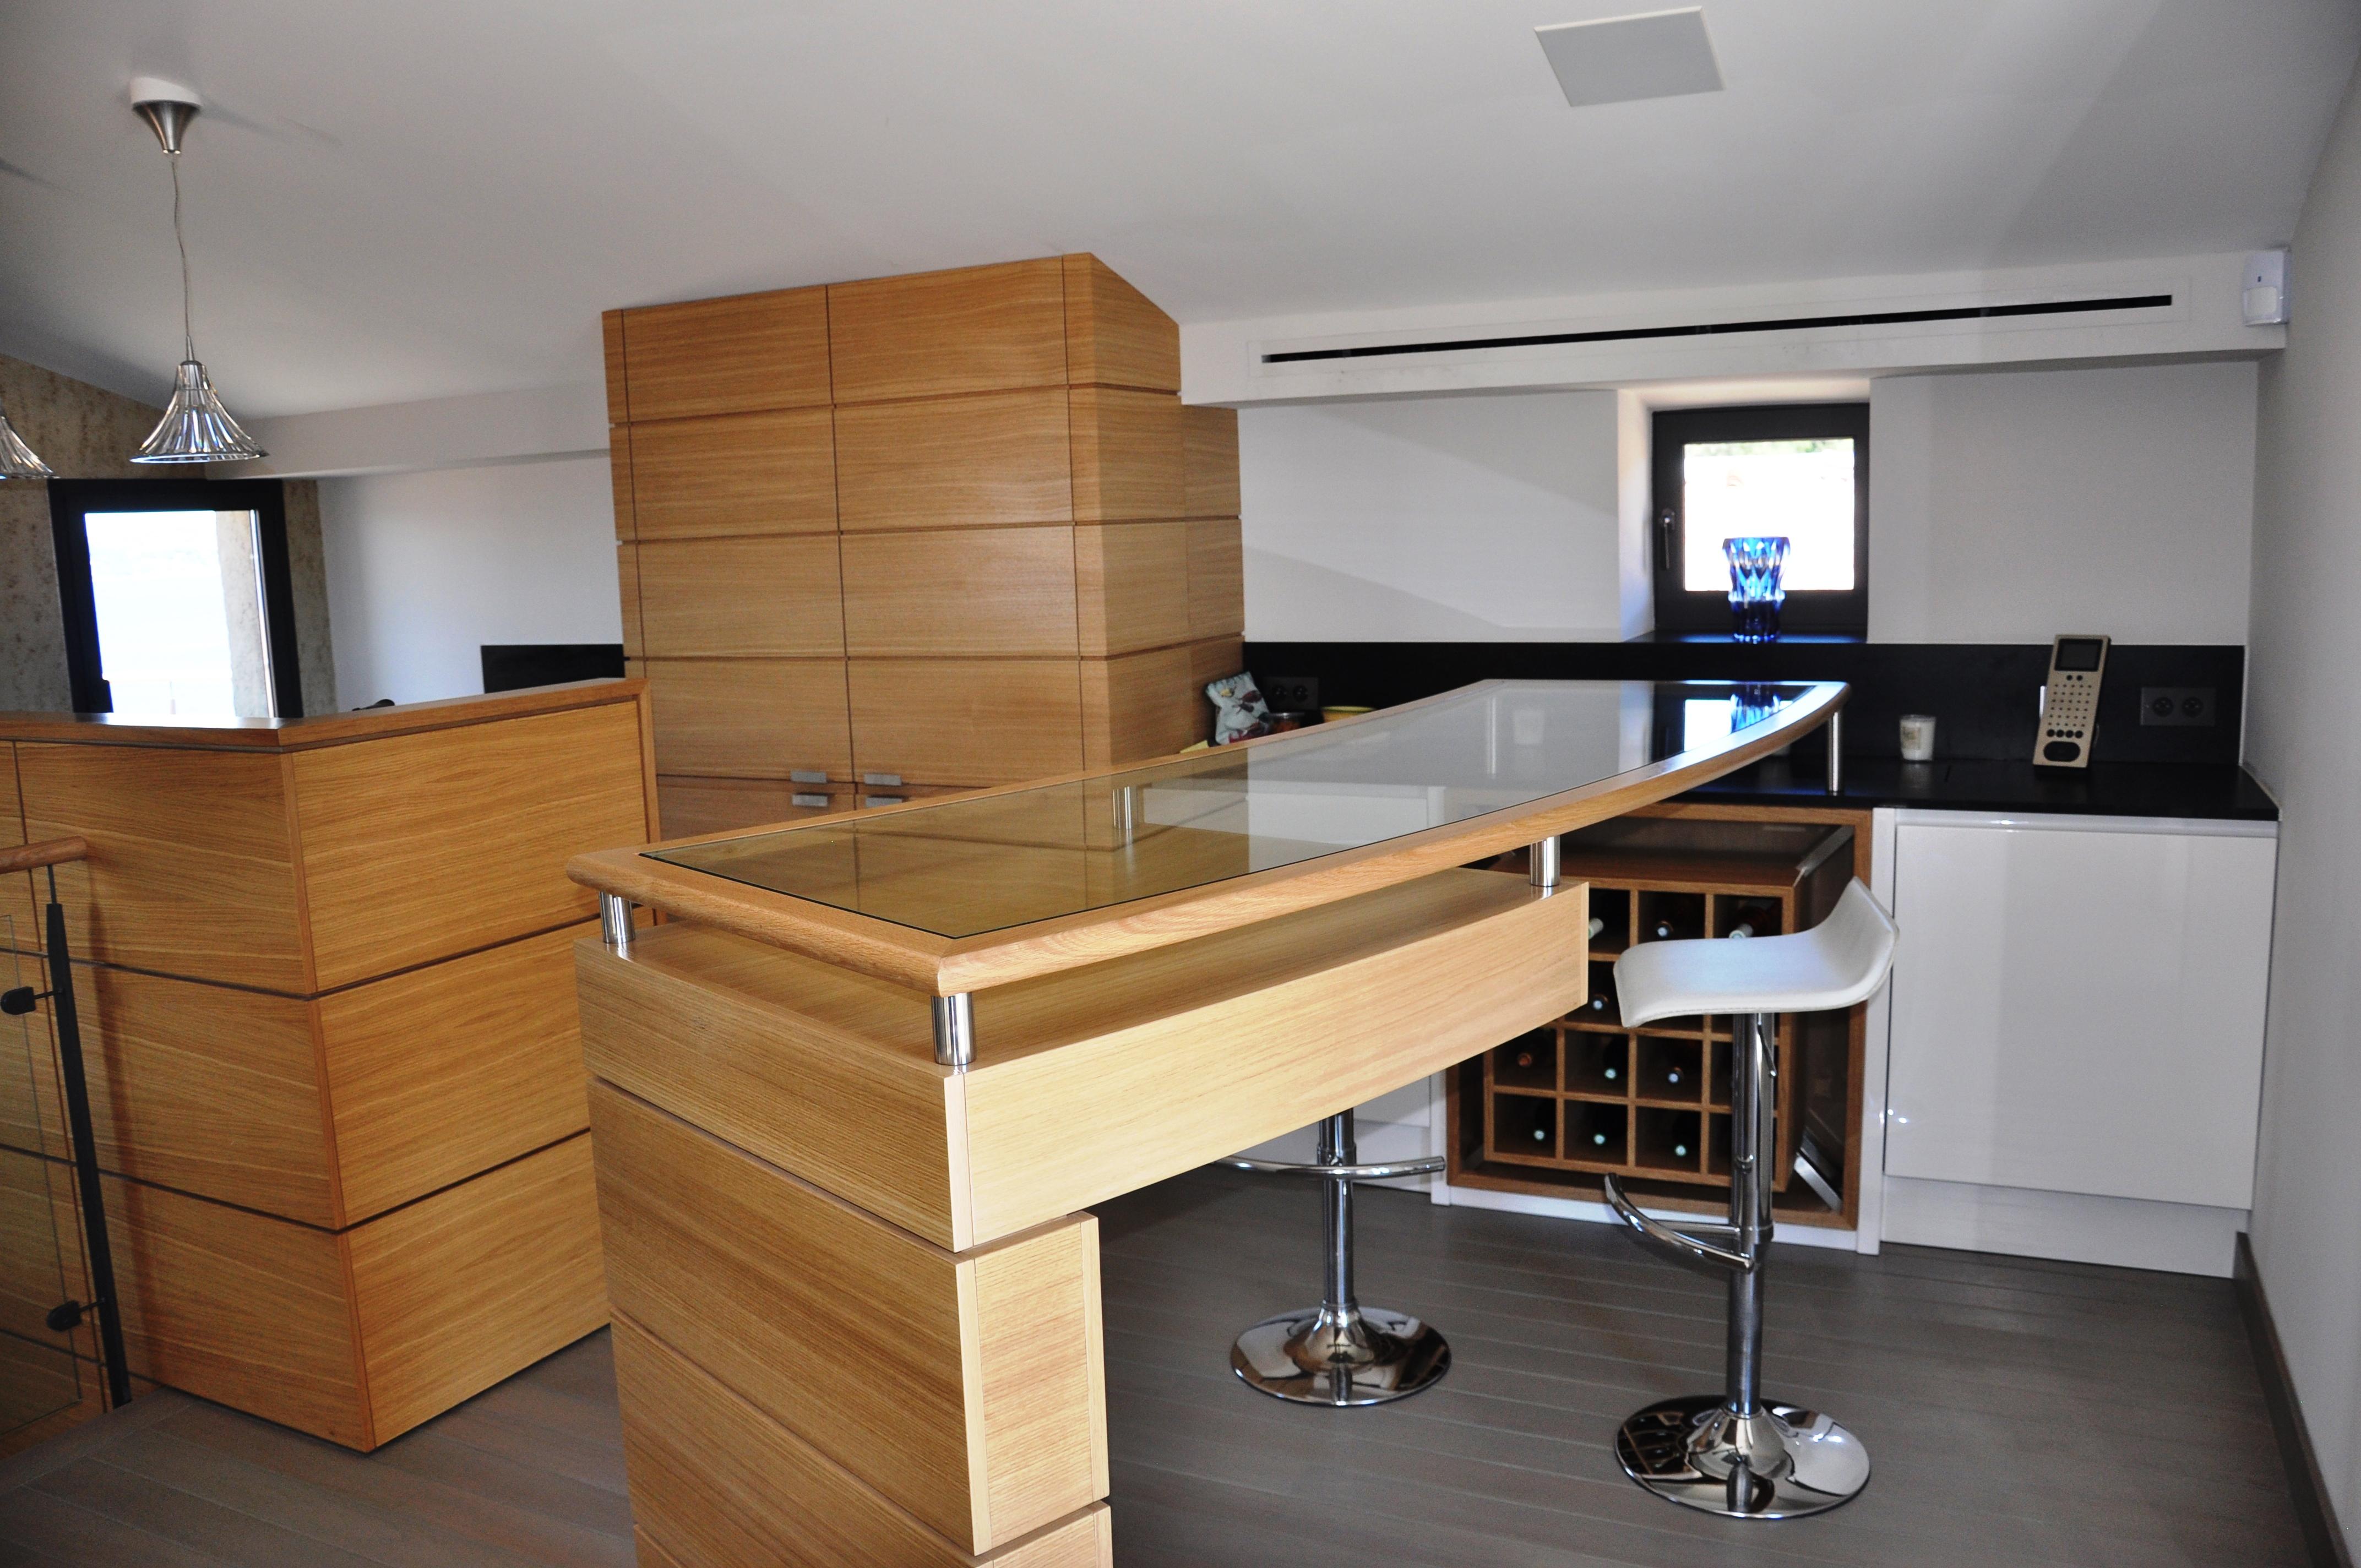 Restauration résidence privée menuiserie